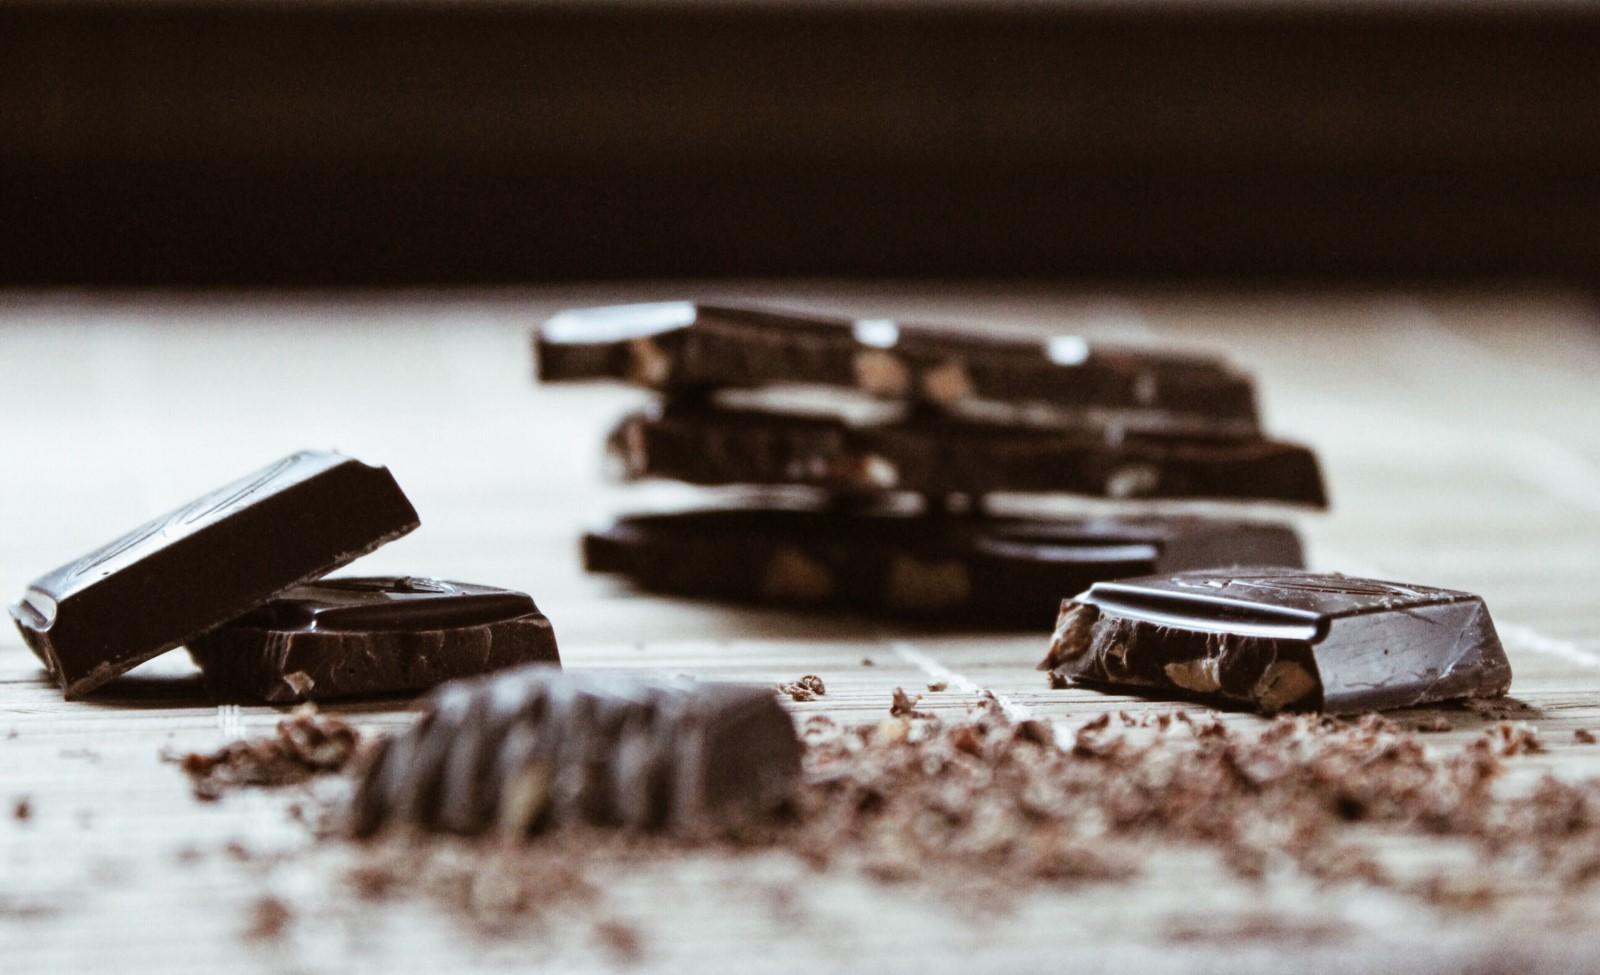 Quadretti di cioccolata fondente, pronti per essere sciolti.